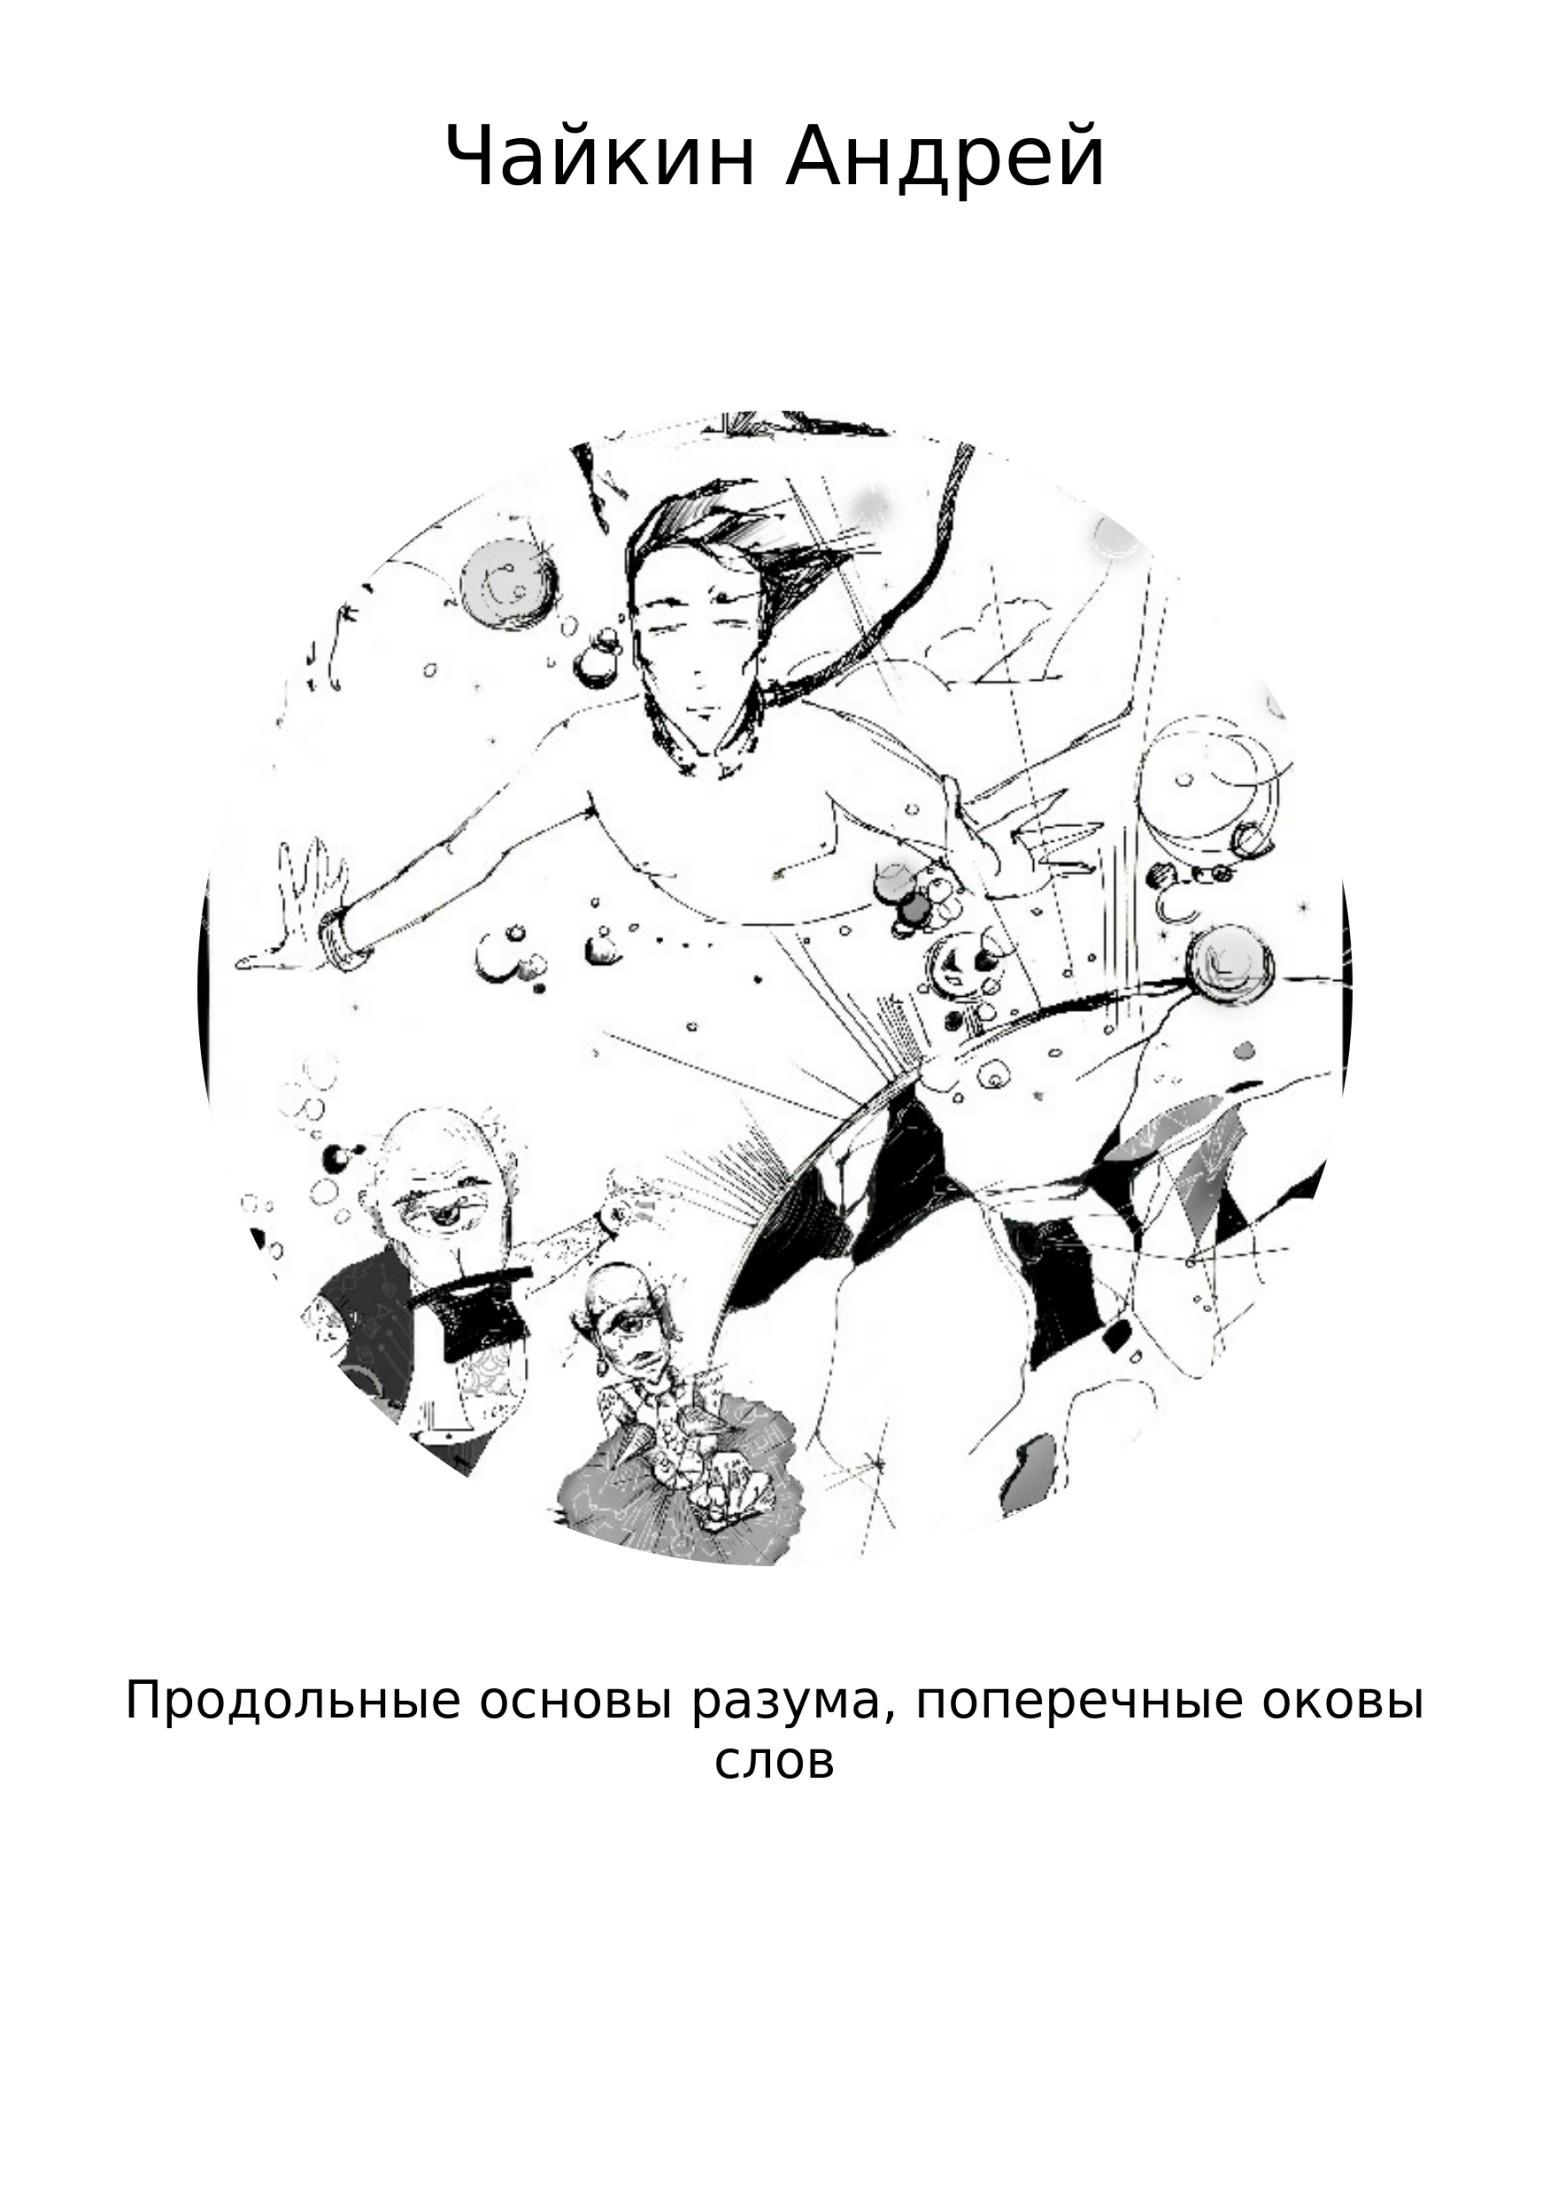 Андрей Владимирович Чайкин. Продольные основы разума, поперечные оковы слов